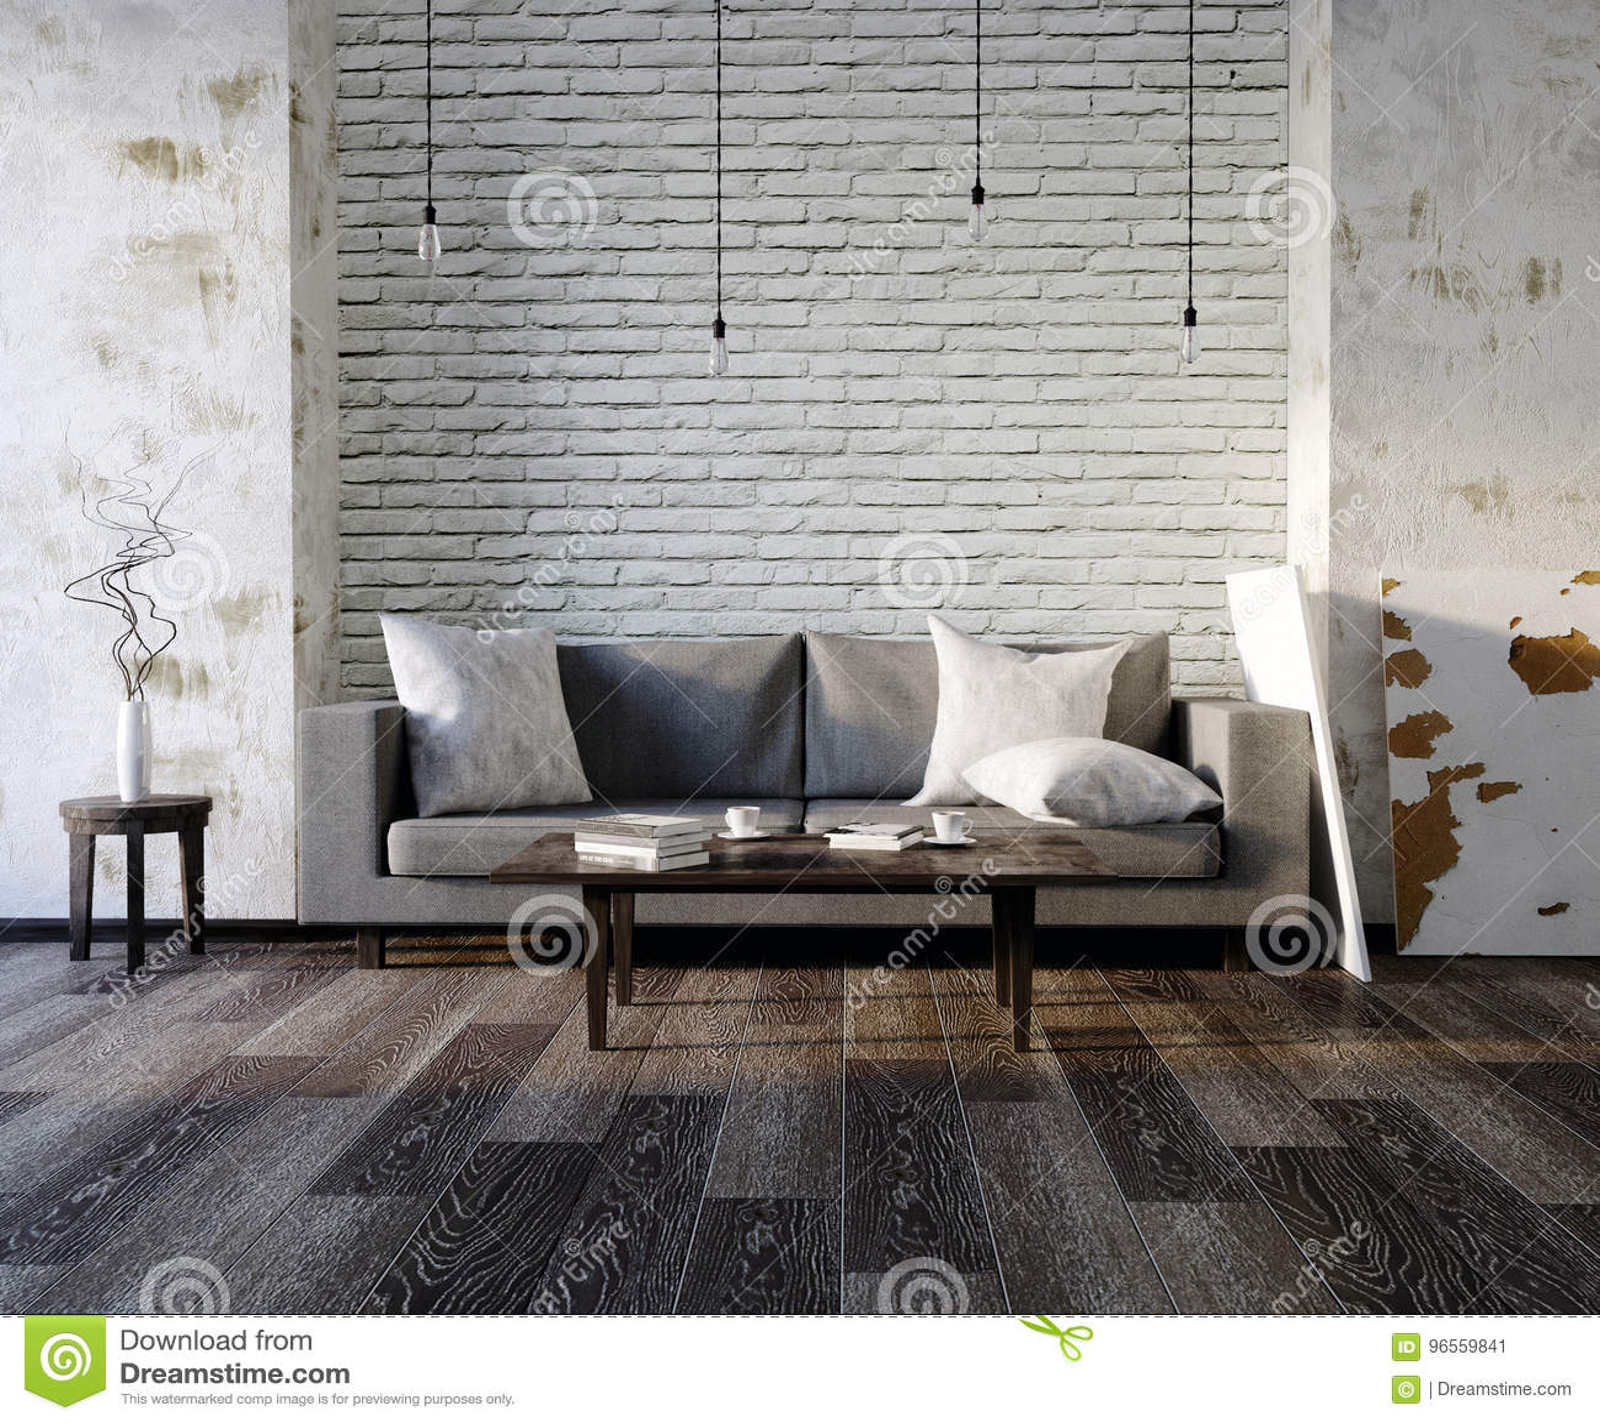 Latest Leerer Weier Innenraum Der D Mit Sofa Leere Wand Wohnzimmer Schwarze  Und Graue Kissen Helles Sofa Flaumiger Teppich With Helles Sofa